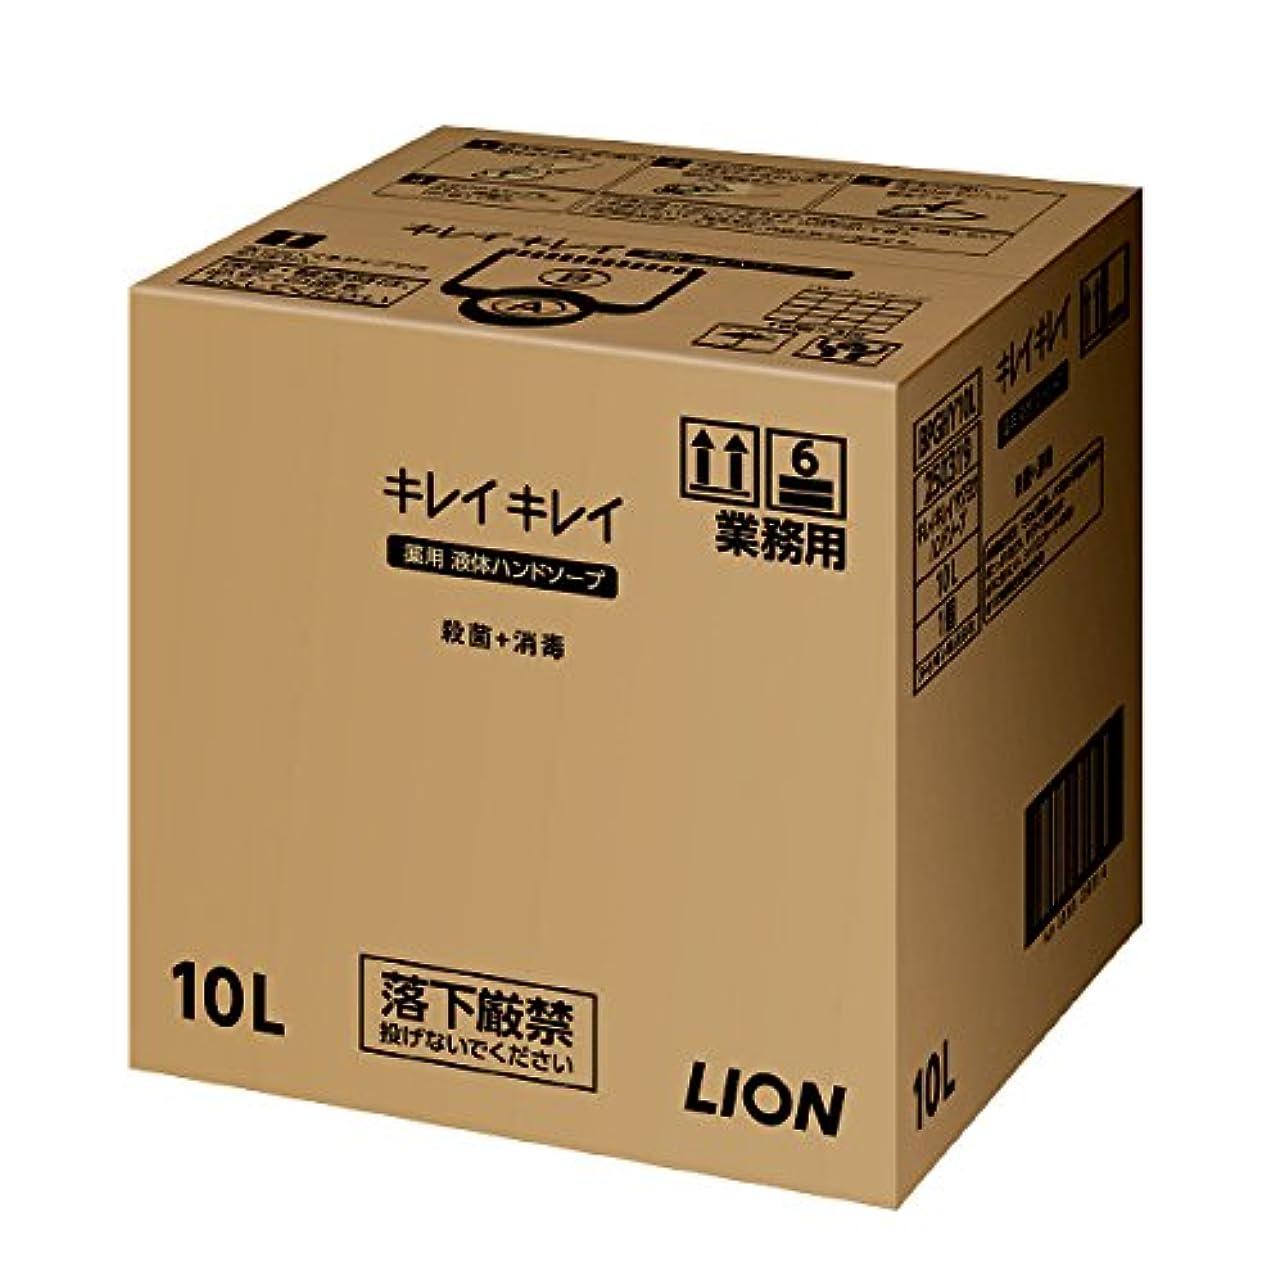 相互接続一時停止防腐剤キレイキレイ薬用液体ハンドソープ10L(専用コック付き)